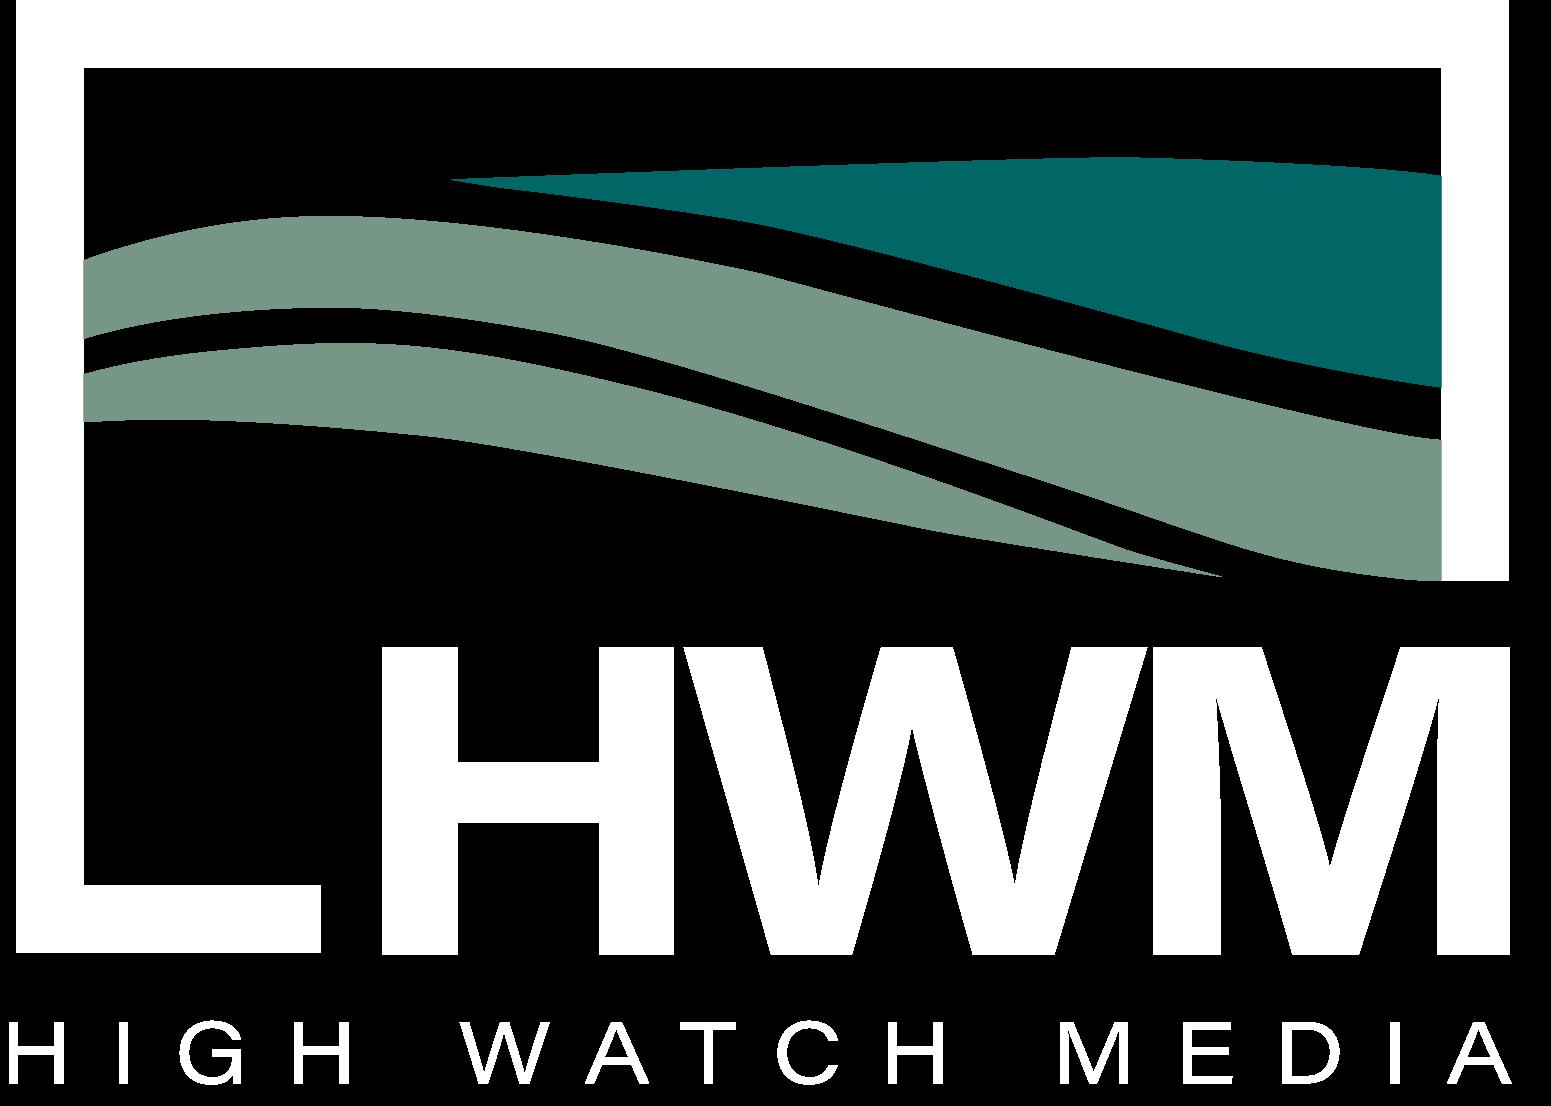 High Watch Media logo